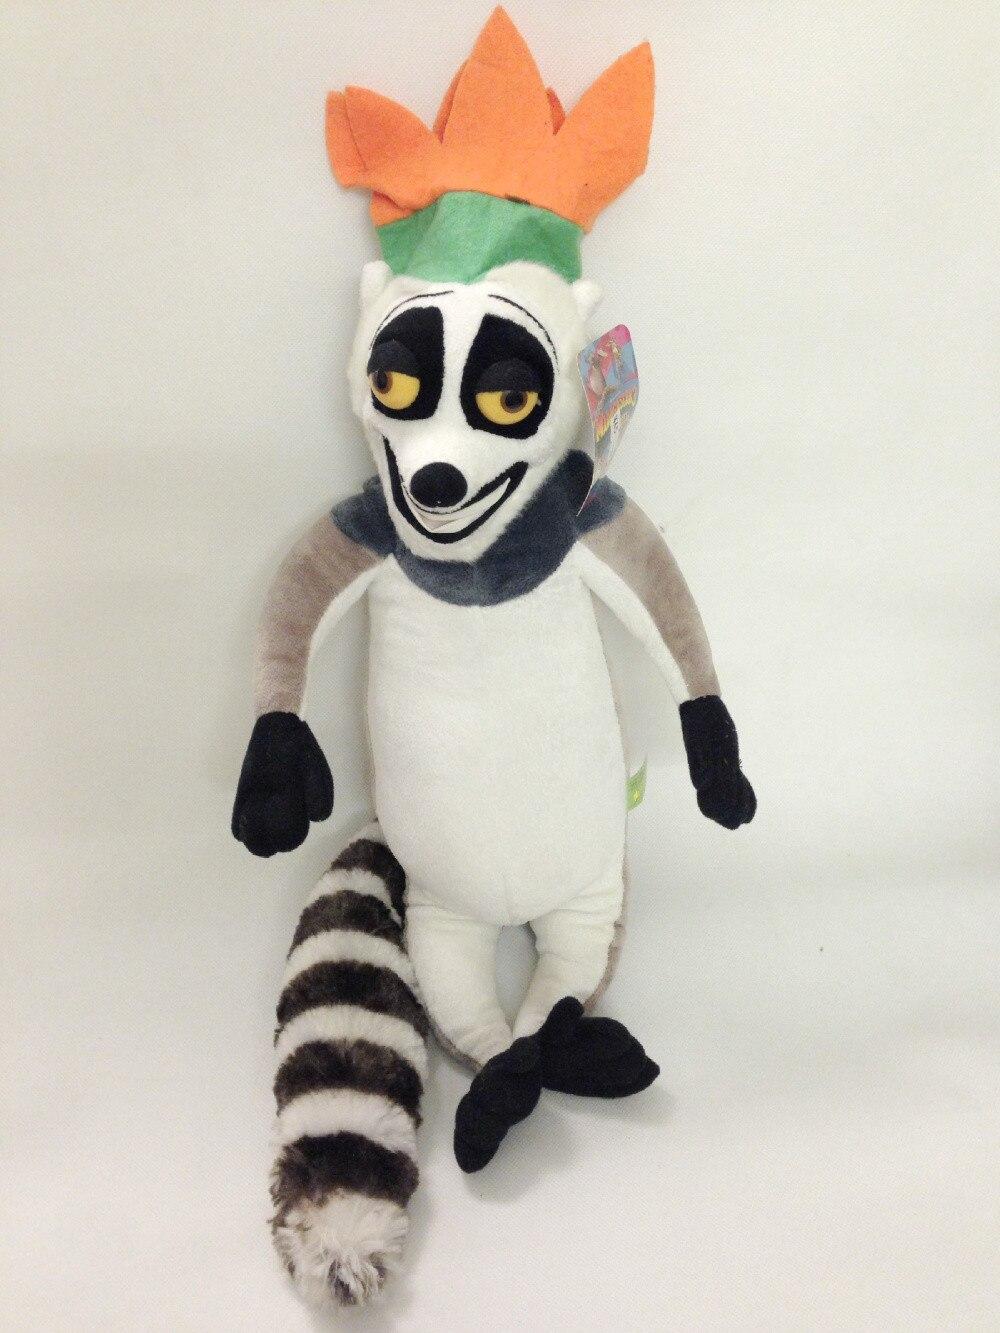 Madagascar King Julien XIII Plush Toy, Lemur Baby Gift, Kids Doll ...